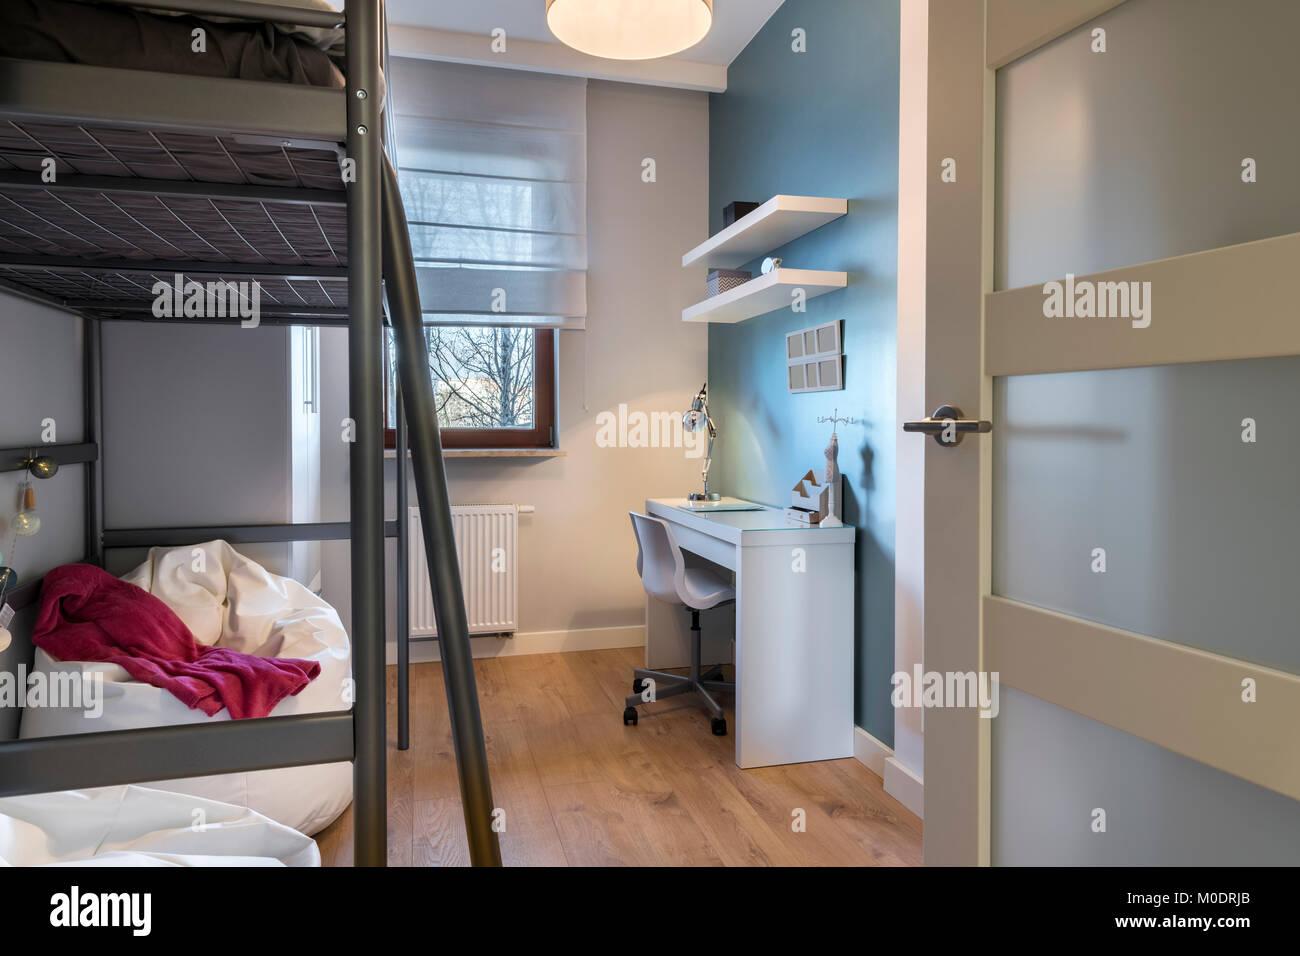 Adolescente moderna camera con letto a castello Foto & Immagine ...